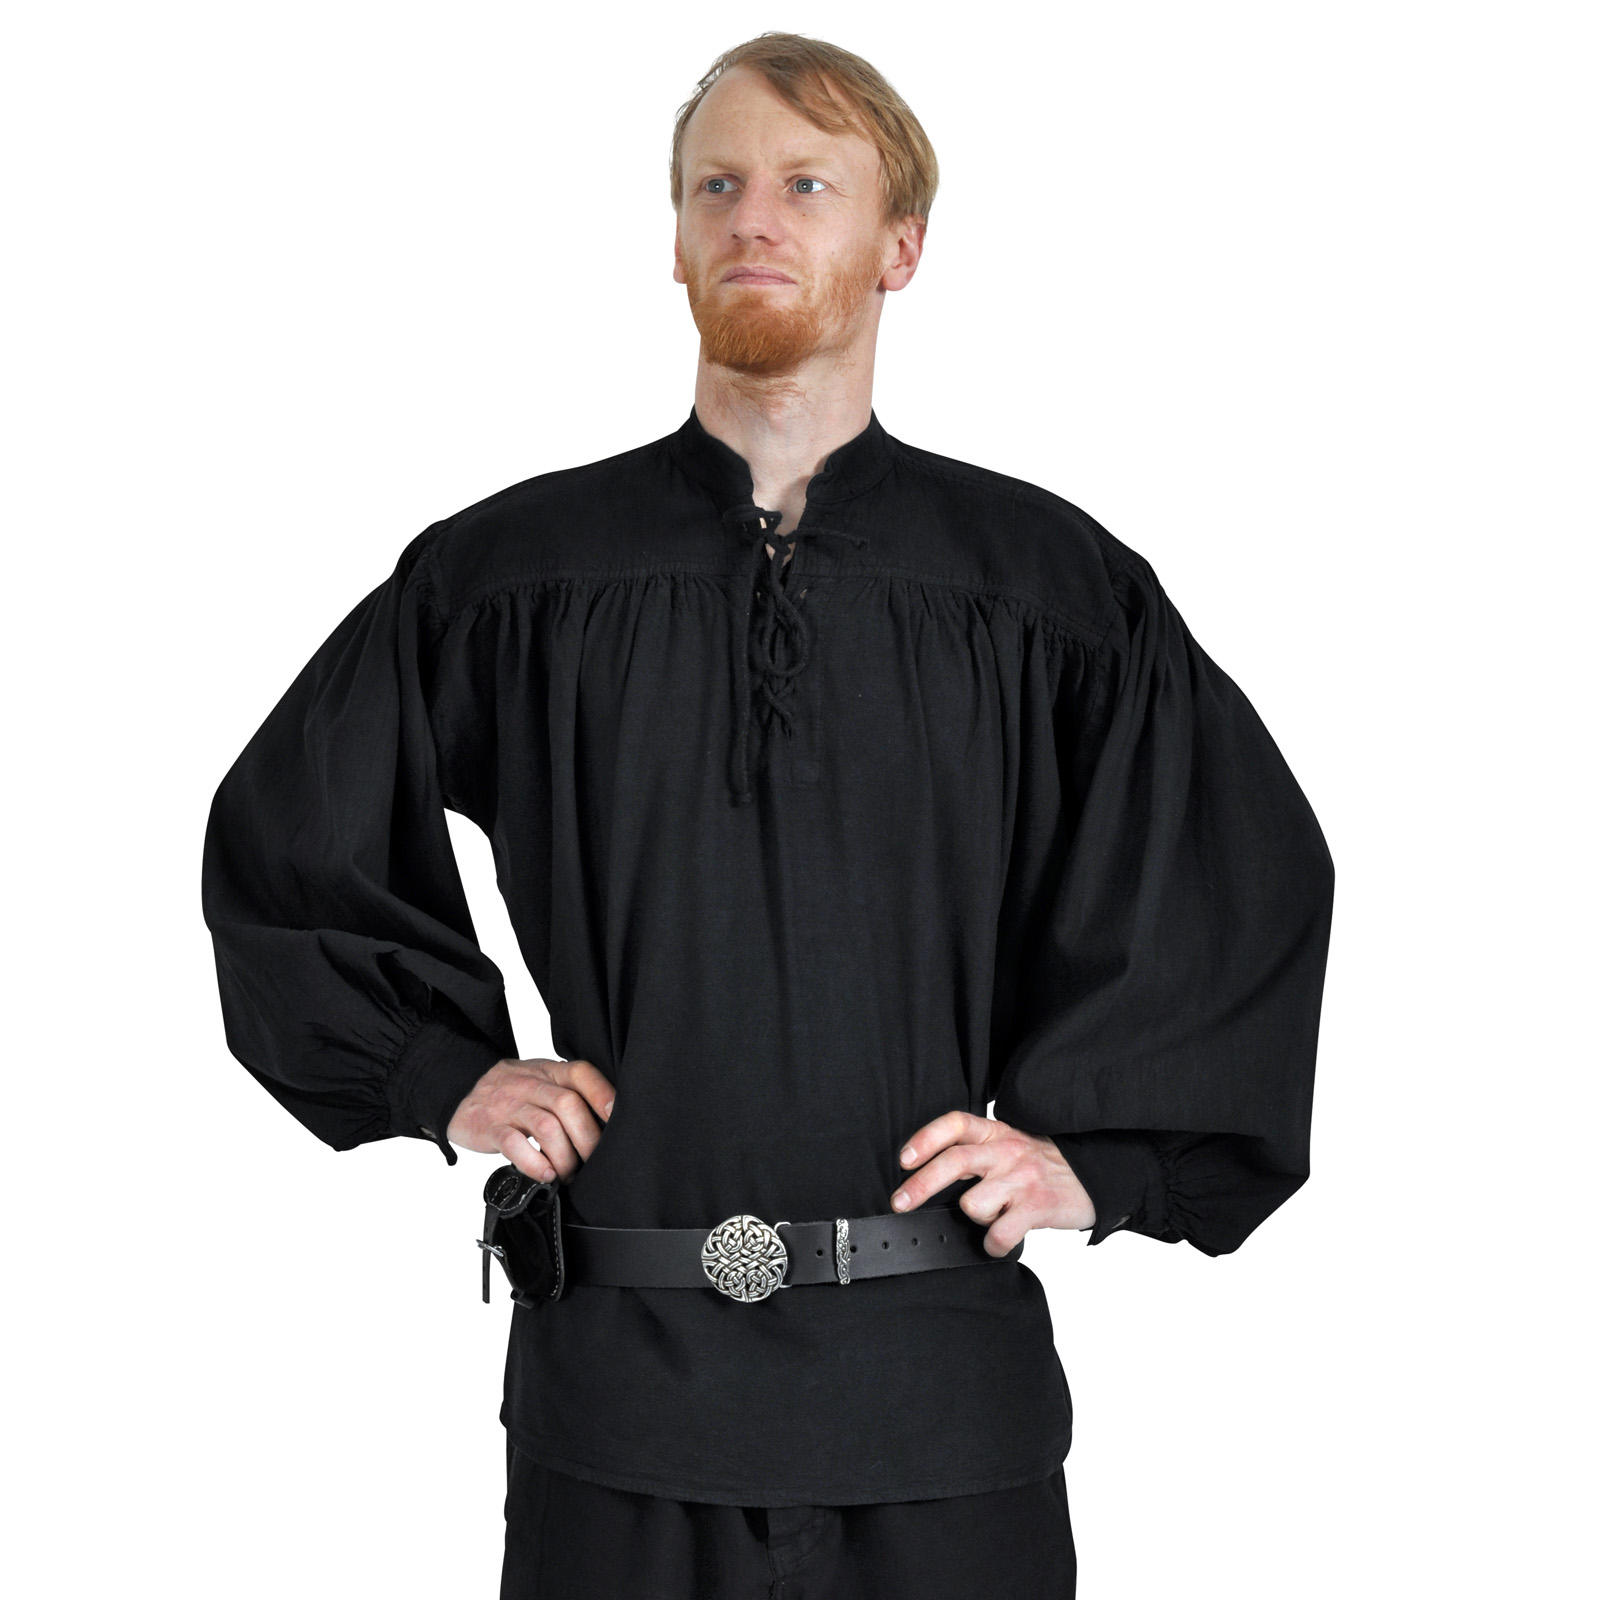 Adalbert - Mittelalter Hemd mit Frontschnürung schwarz